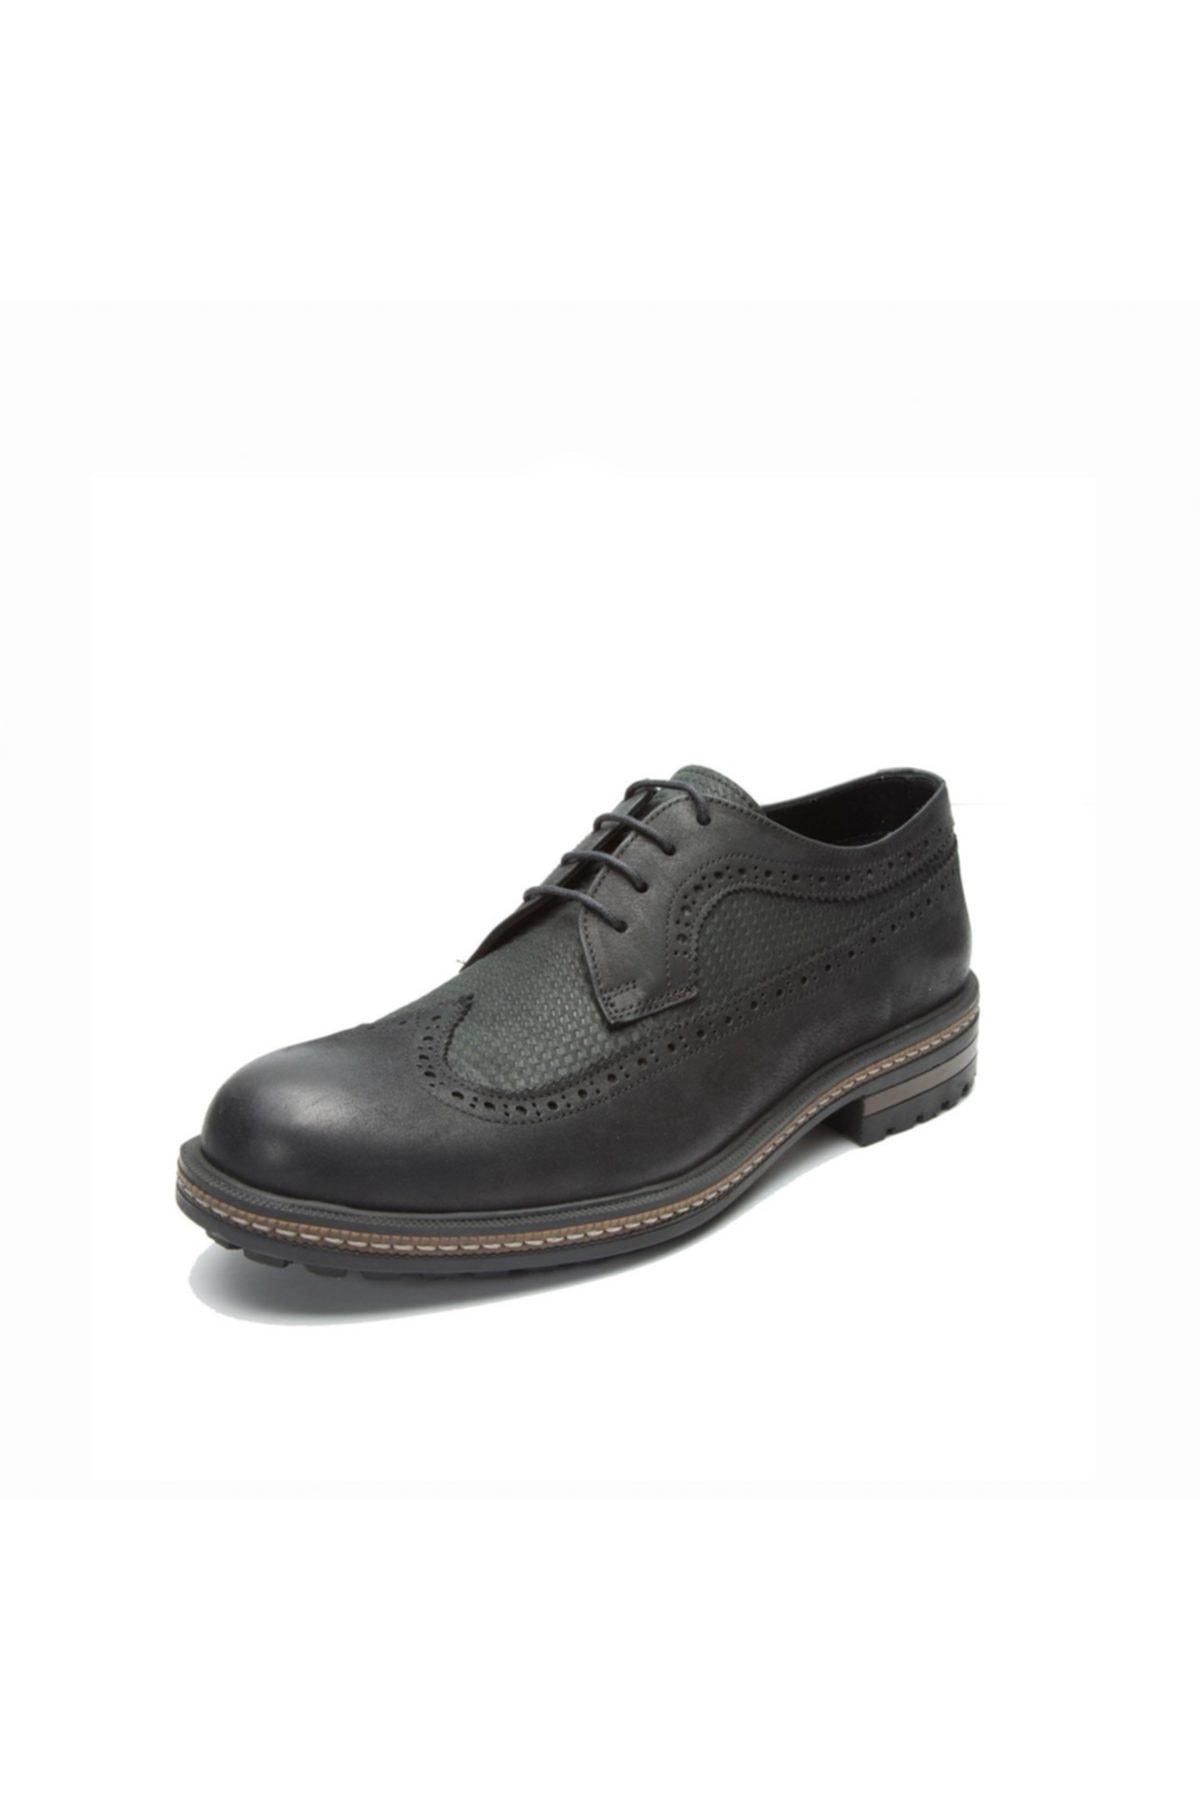 Hammer Jack Sıyah Yıkama Nubuk Erkek Klasik Ayakkabı 102 15650-M-5500 2